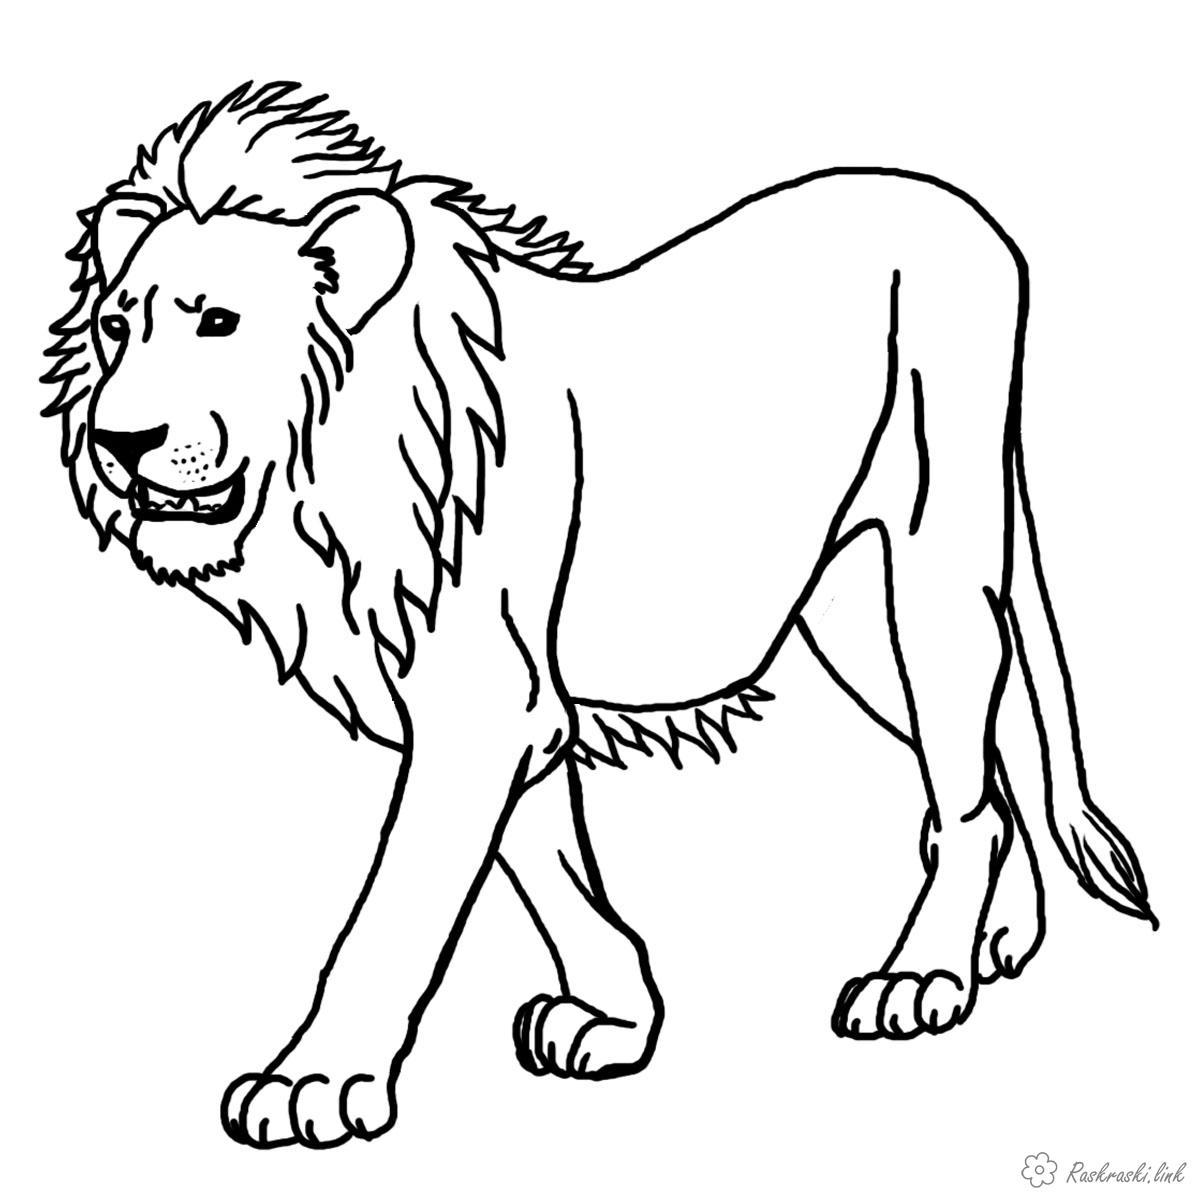 Раскраски грозный раскраска лев, для детей, хищник